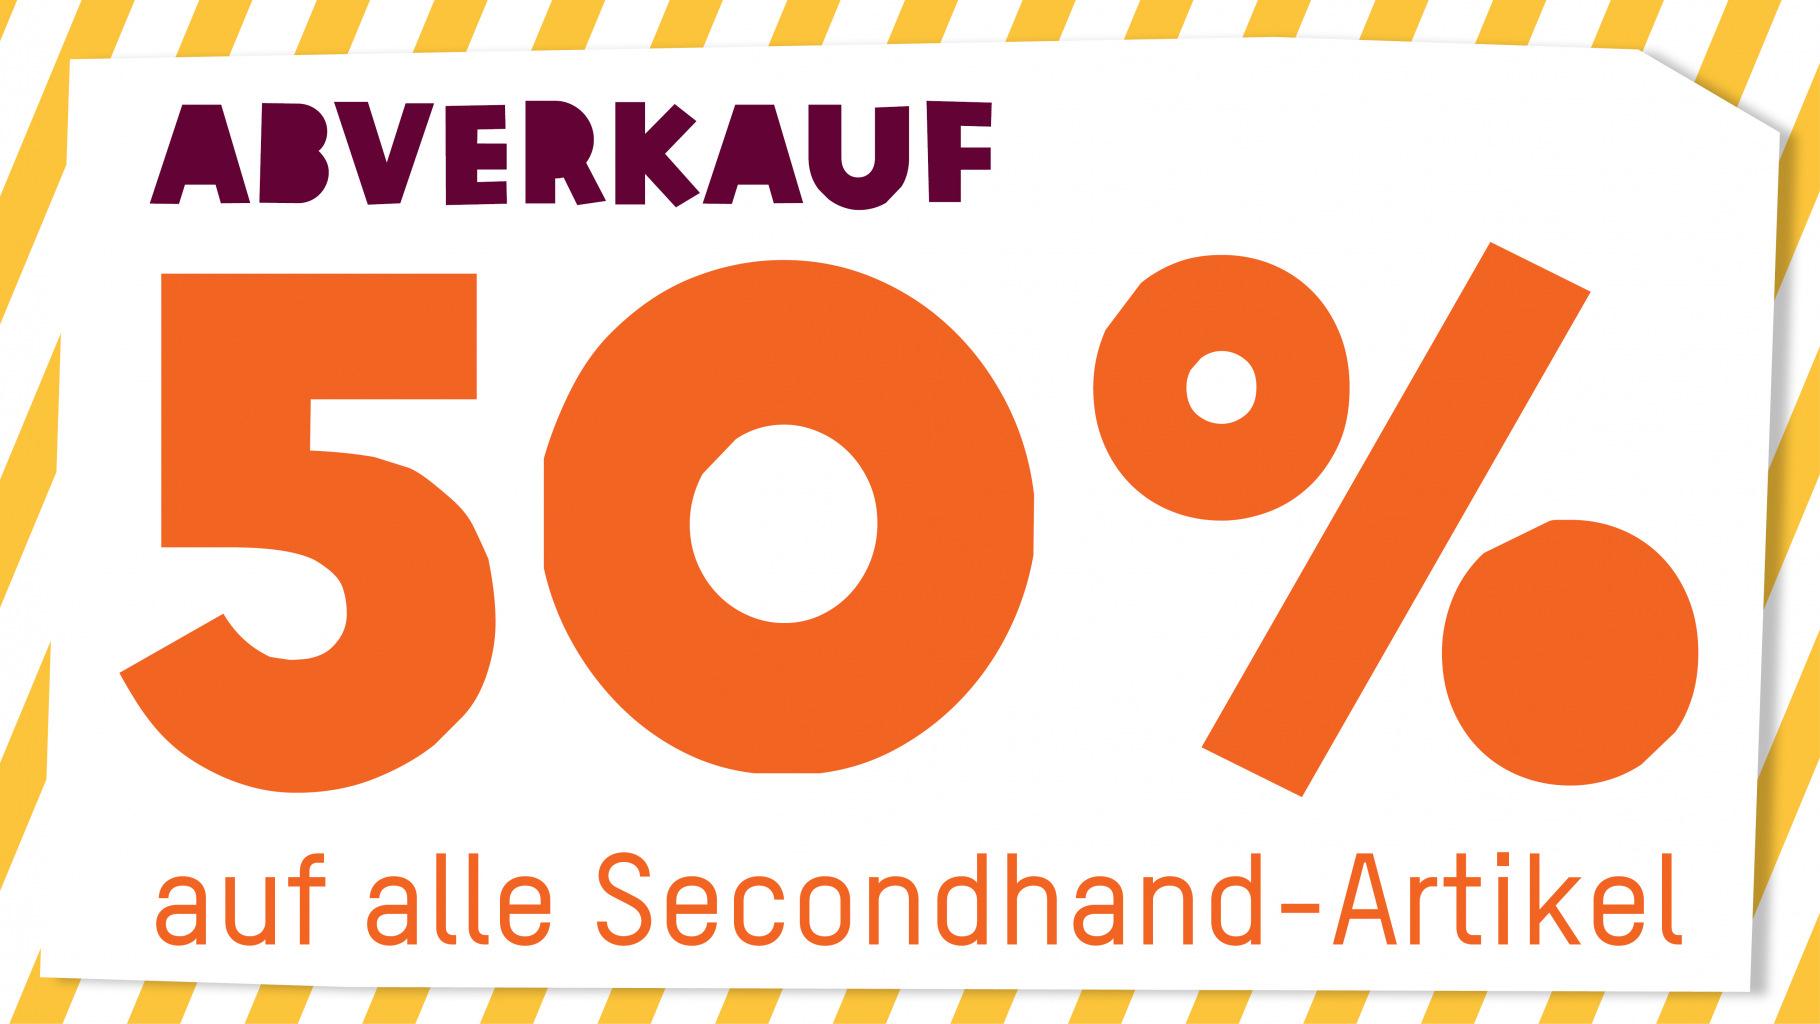 Beim Abverkauf im  Oxfam Shop gibt es 50 Prozent Rabatt auf Secondhand-Artikel